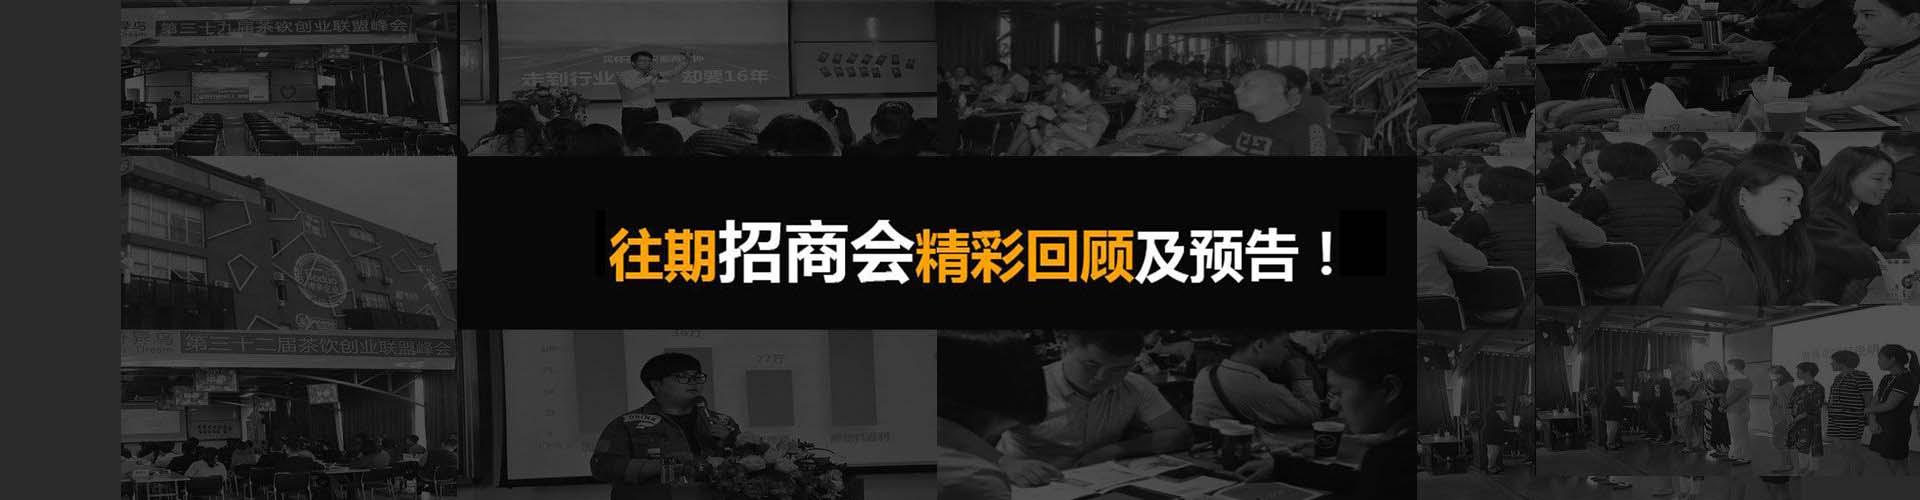 奇异鸟第41届茶饮联盟峰会9月12邀你参加